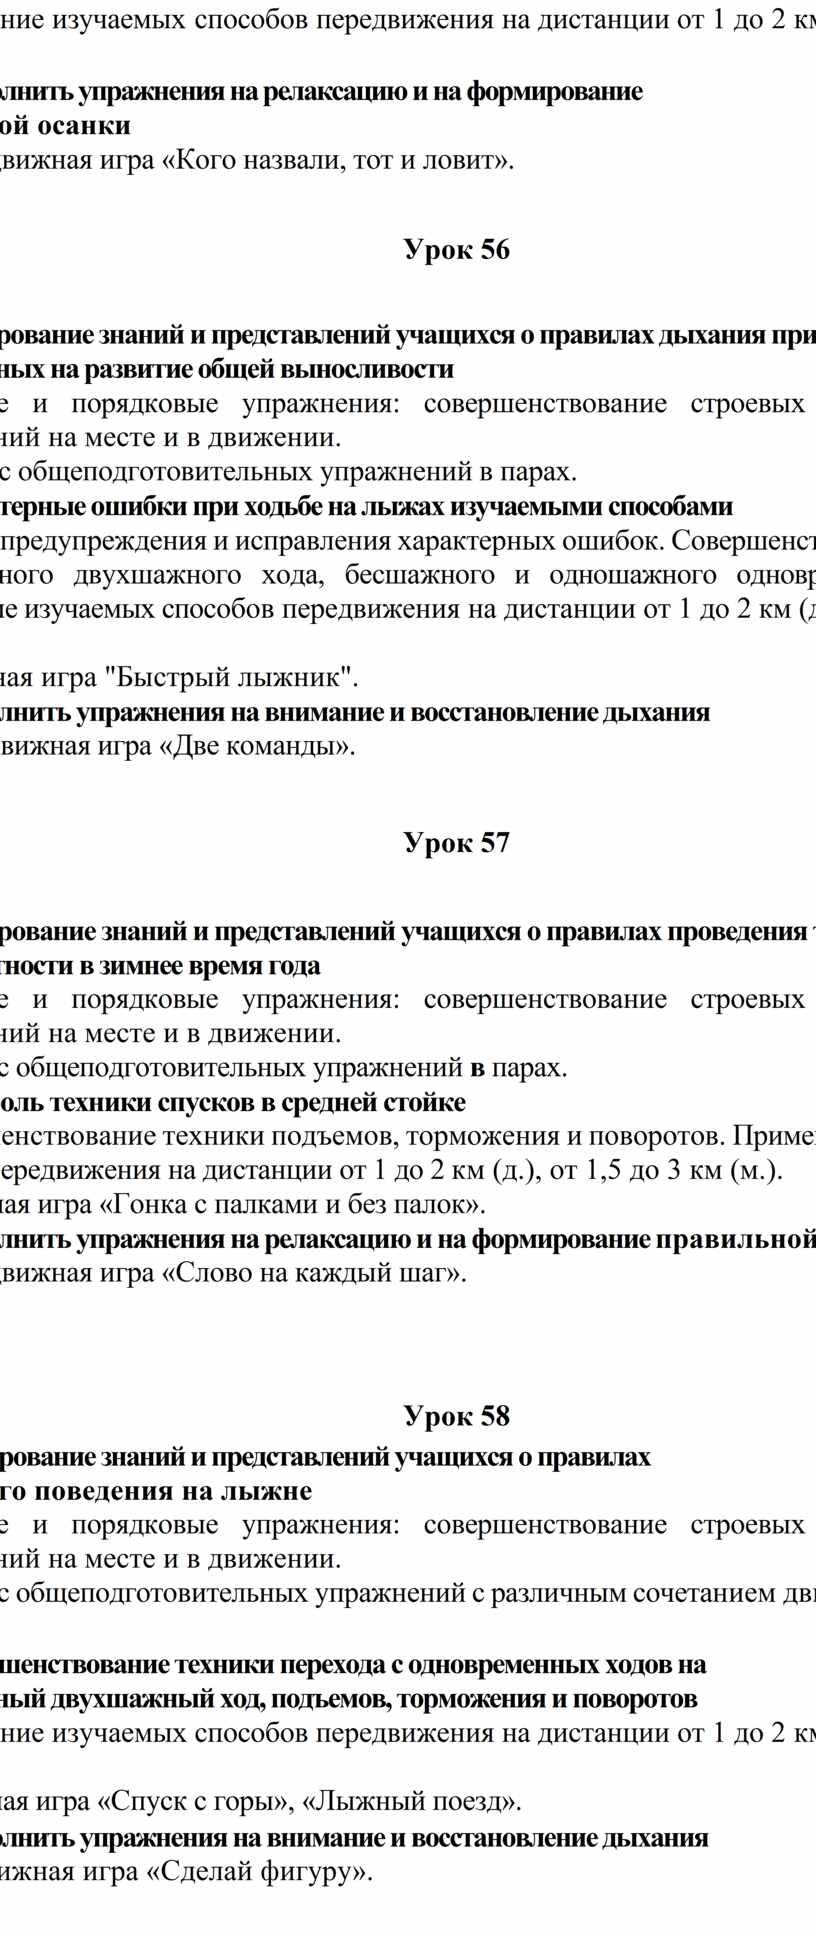 Применение изучаемых способов передвижения на дистанции от 1 до (д